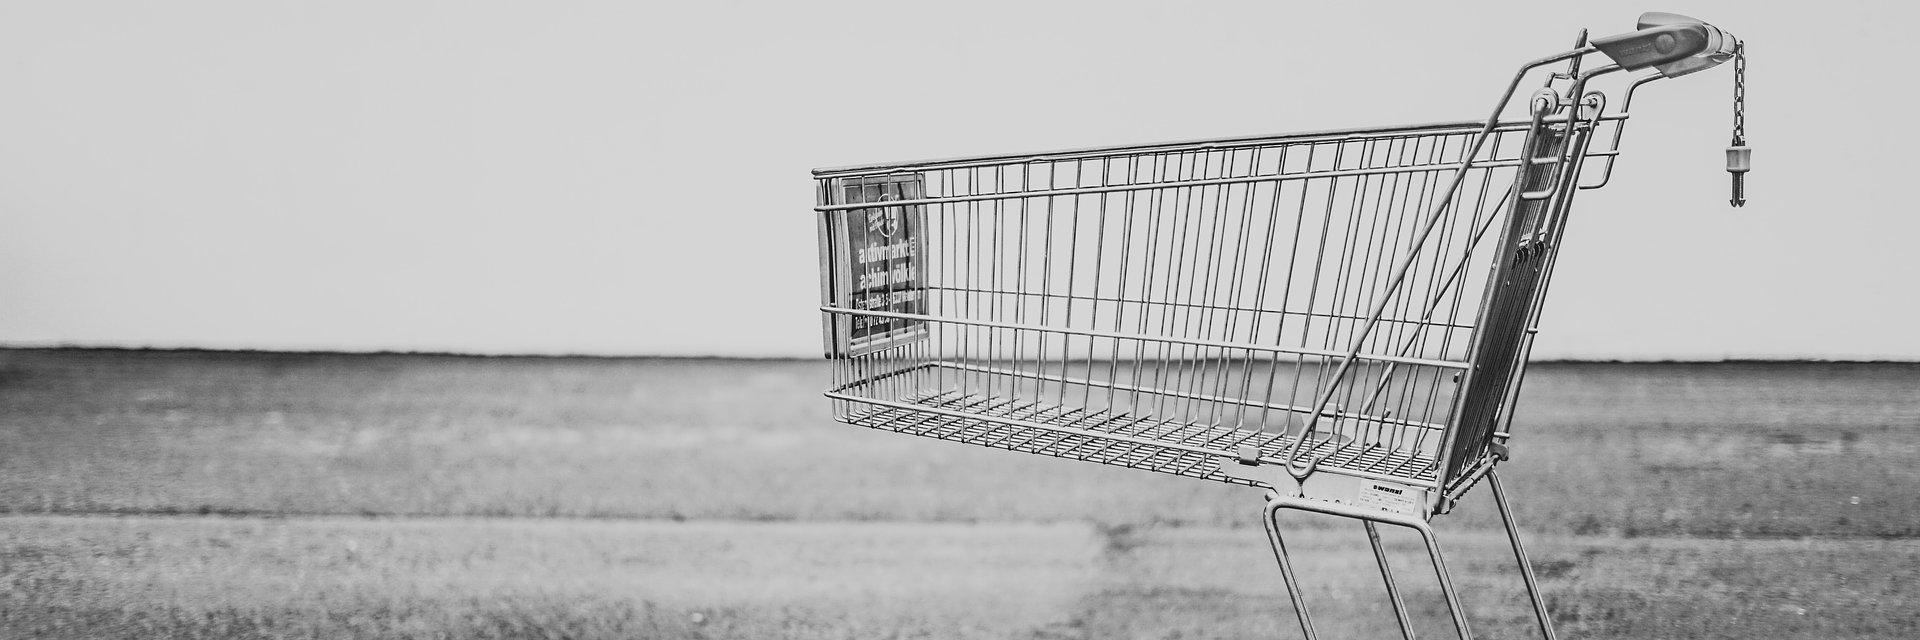 Mastercard udostępnia KiedyDoSklepu.pl – narzędzie online pokazujące natężenie ruchu w pobliskich sklepach spożywczych